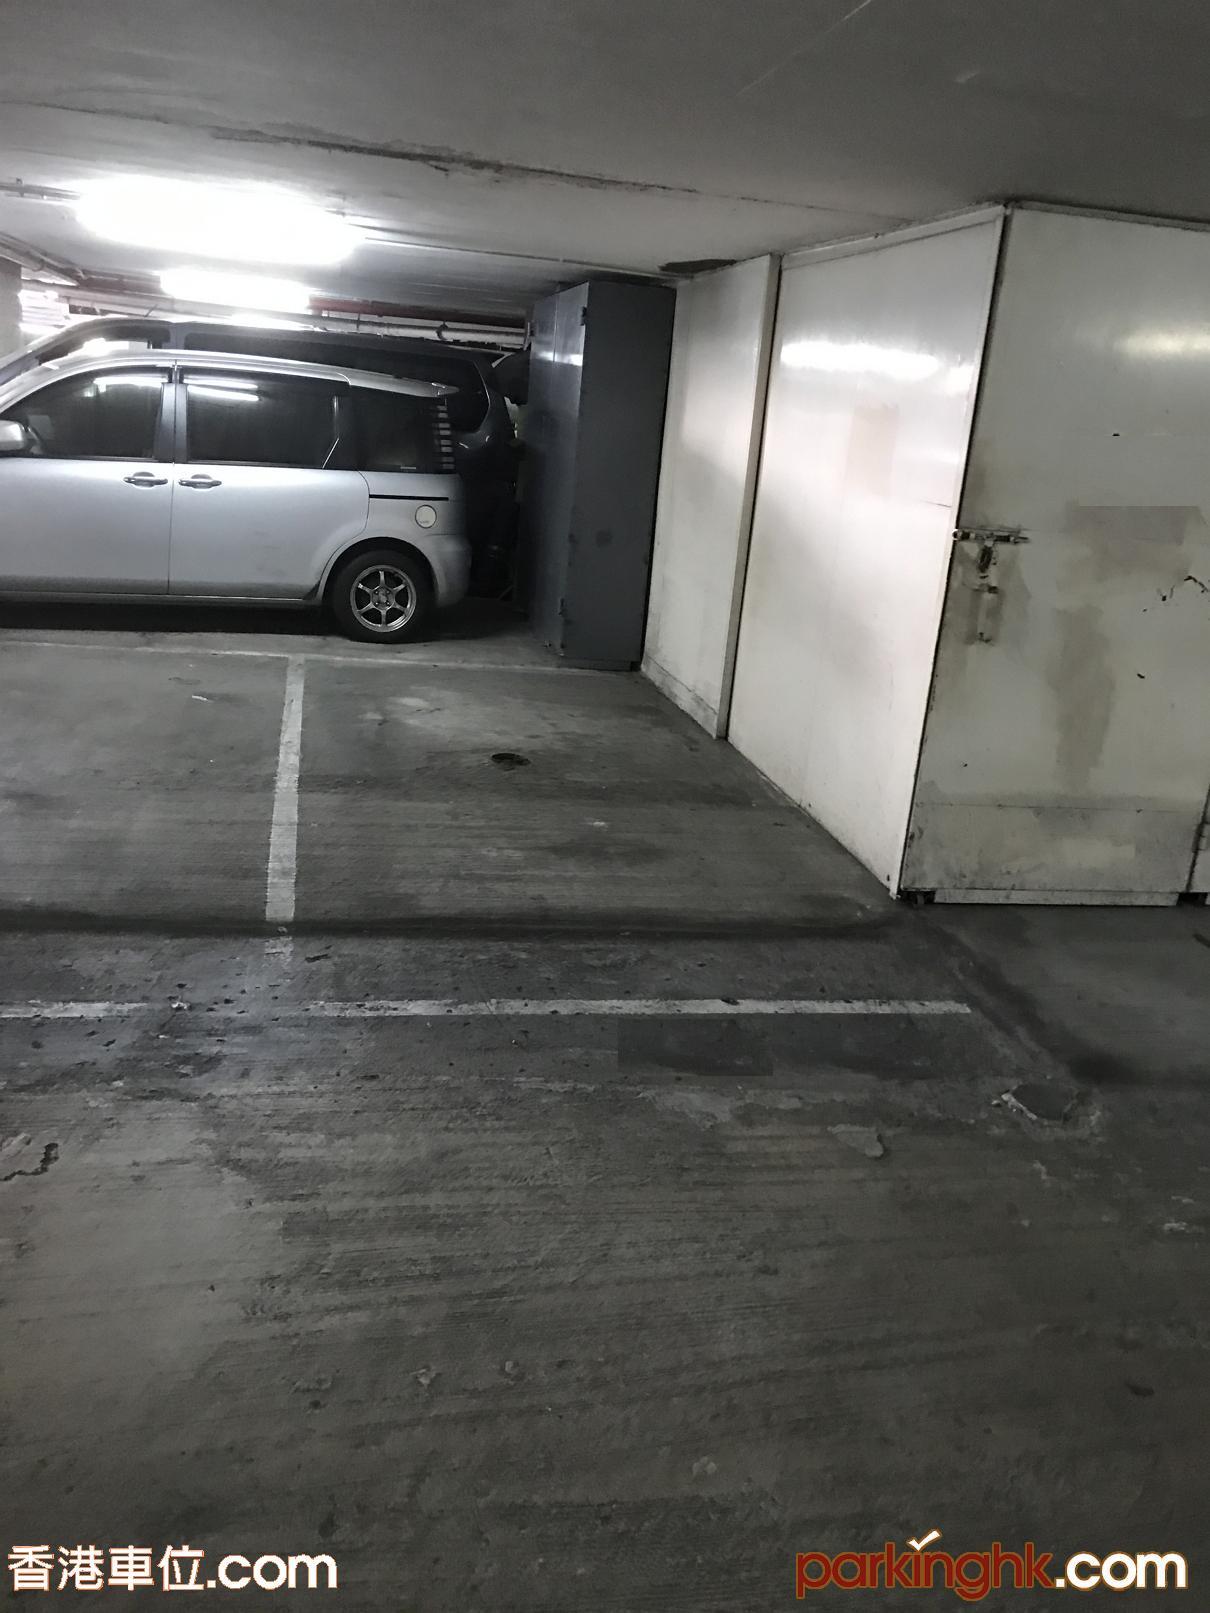 九龍灣車位 牛頭角道 宏光樓 車位 圖片 香港車位.com ParkingHK.com